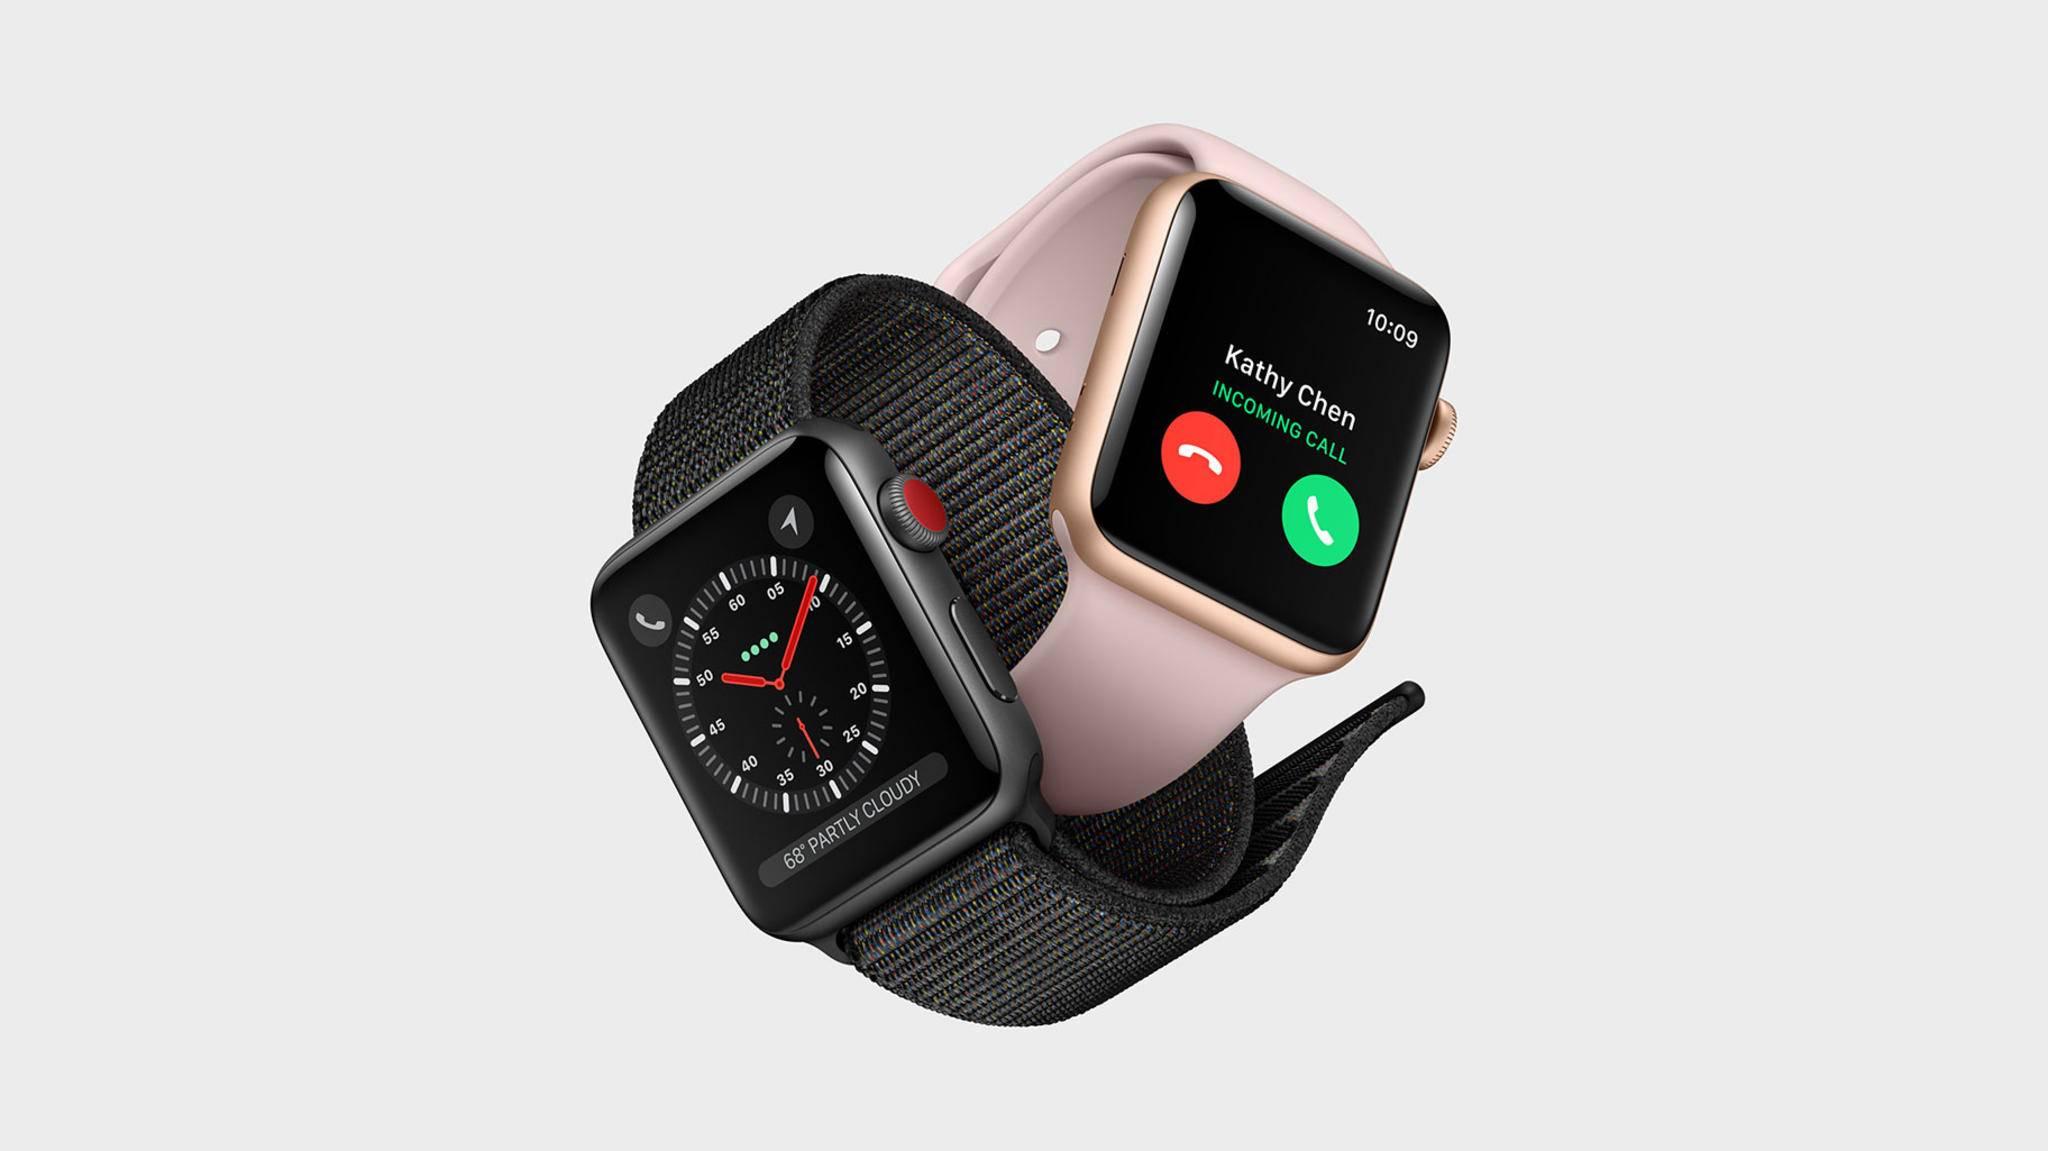 Das Nachfolgemodell zur Apple Watch Series 3 wird voraussichtlich im Herbst vorgestellt.